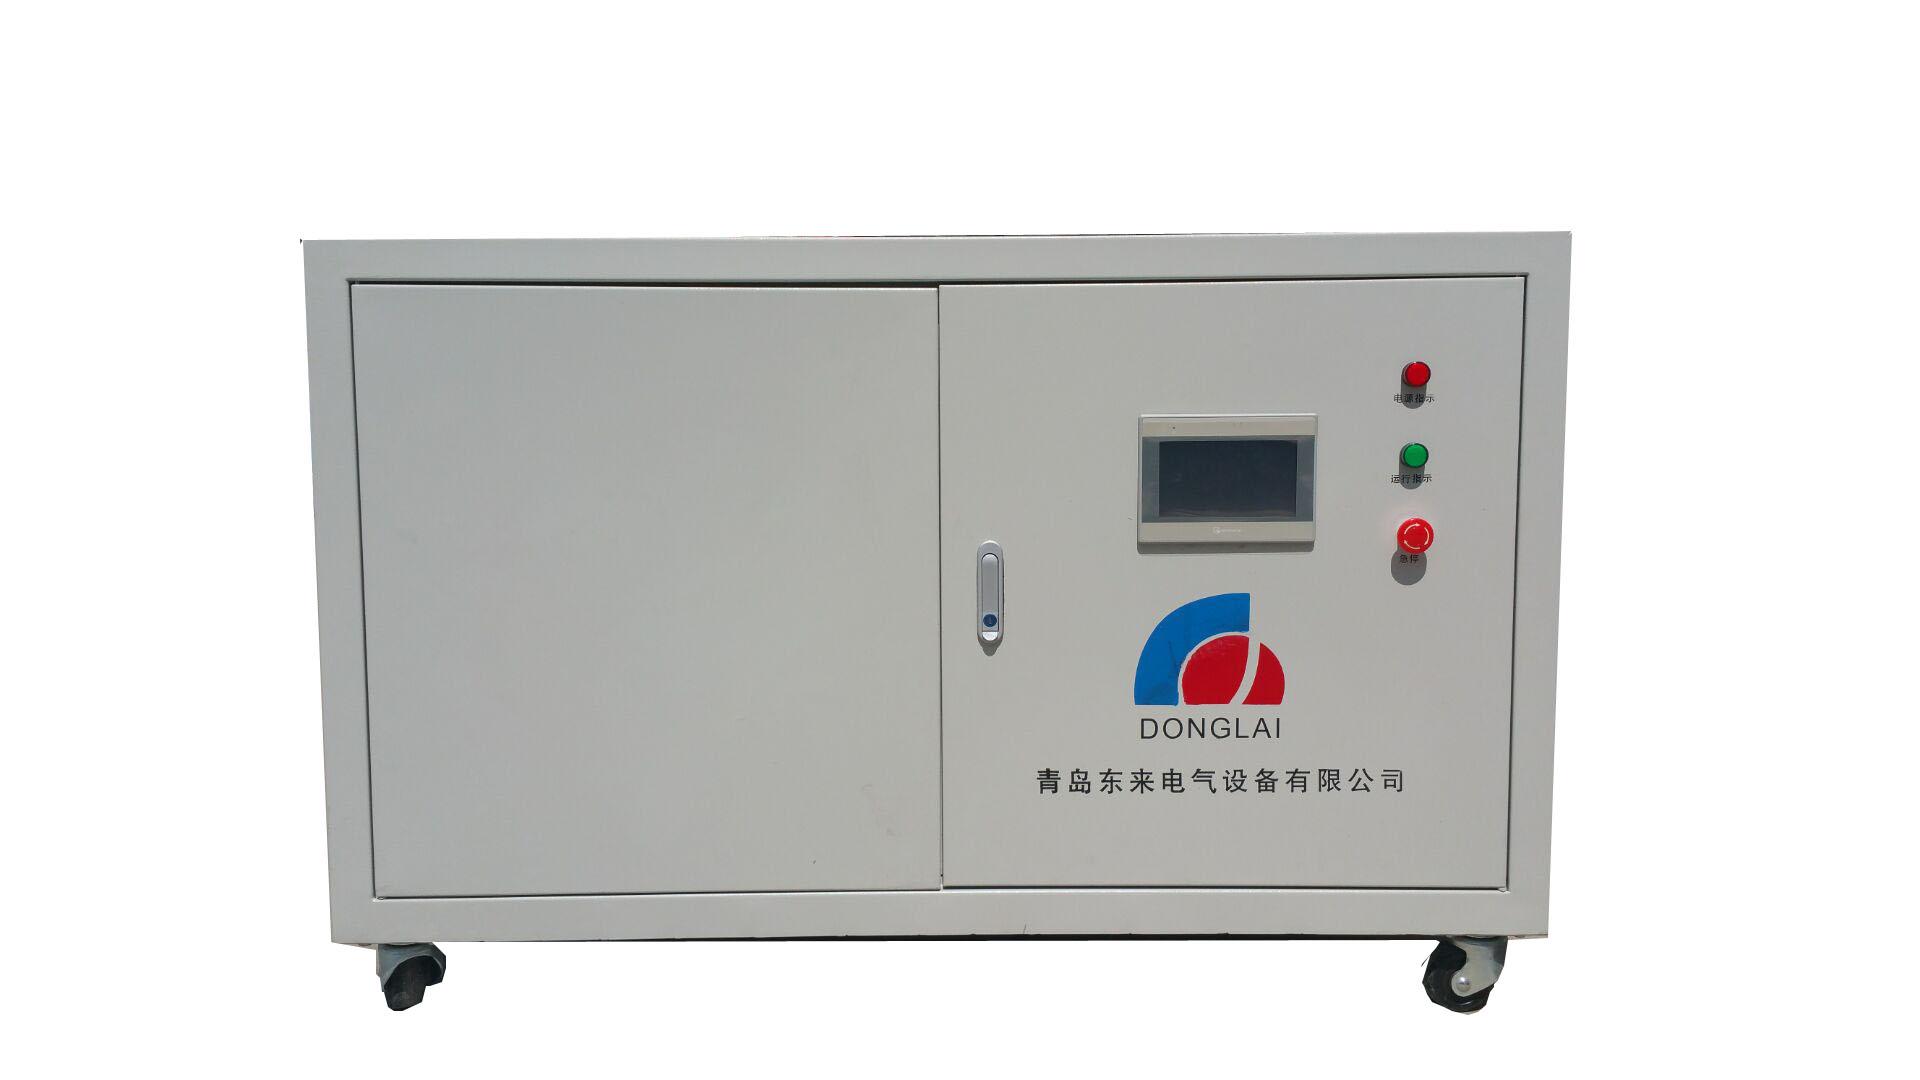 全自动直流大电流发生器SDDL-1000Z